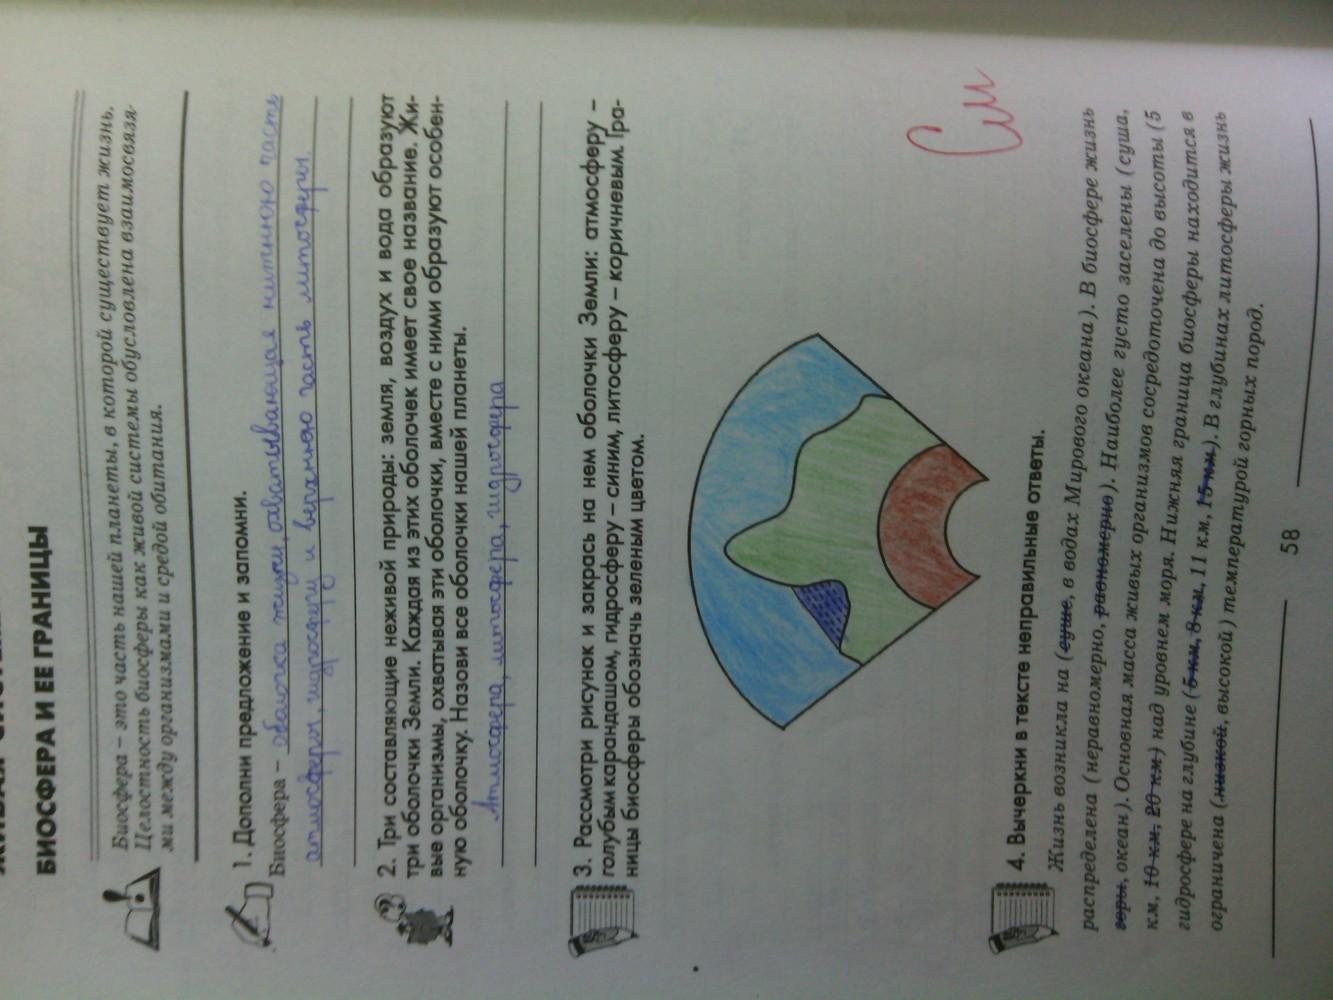 ГДЗ відповіді робочий зошит по биологии 6 класс Котик, Гусева. Задание: стр. 58